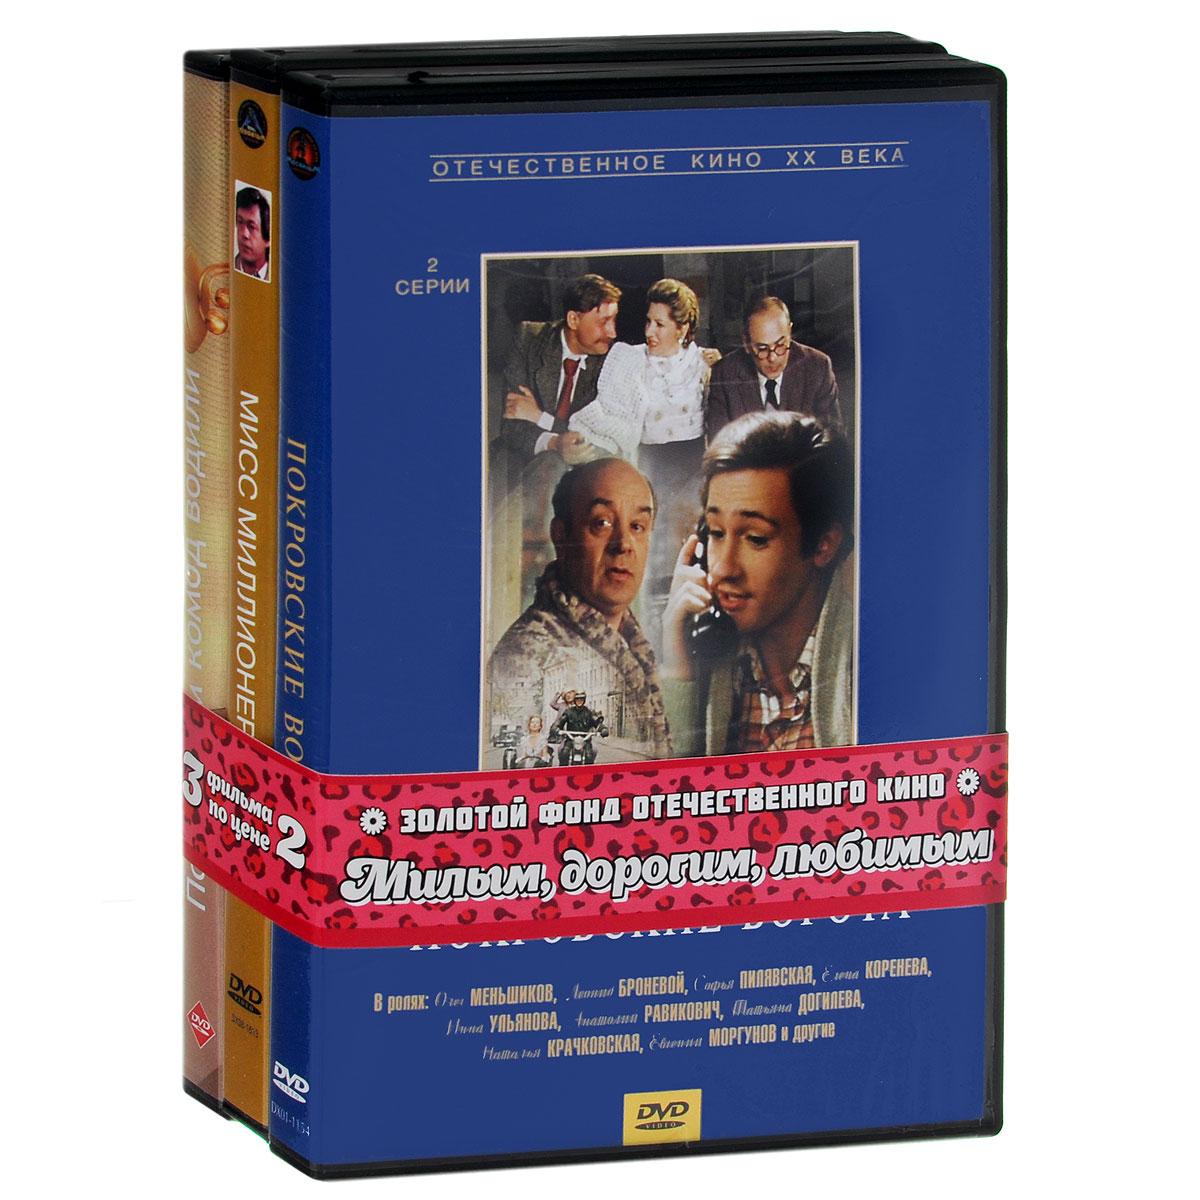 Покровские ворота / Мисс миллионерша / По улицам комод водили (3 DVD)